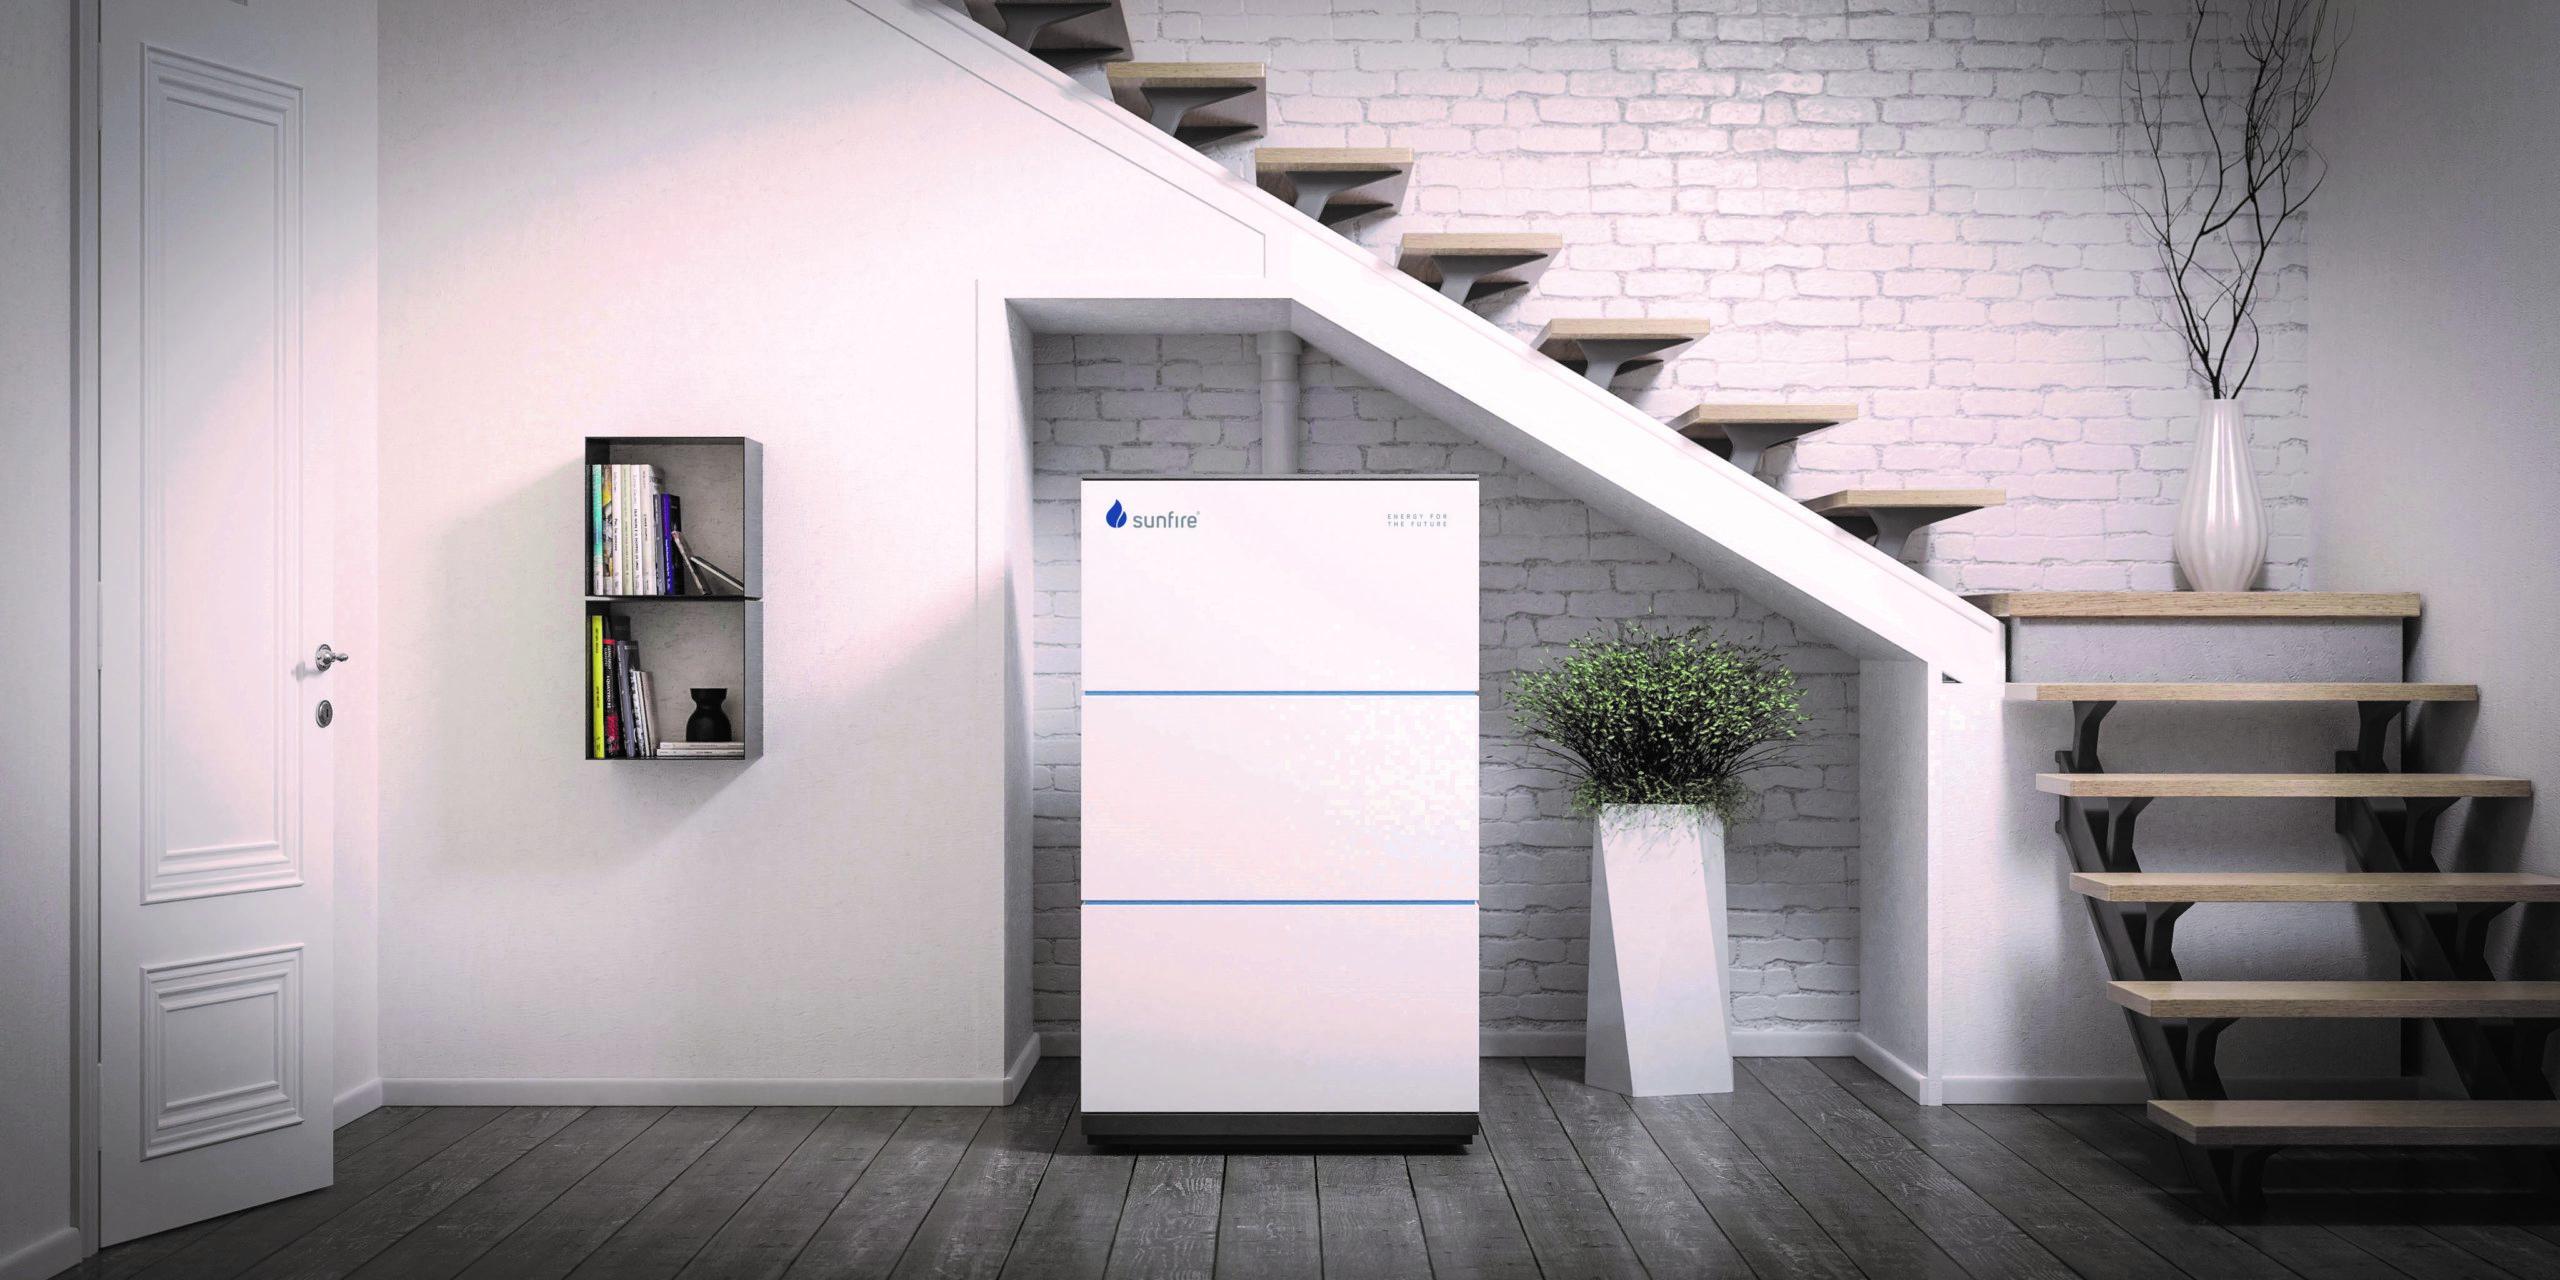 Die Sunfire-Home ist die erste Brennstoffzelle auf Flüssiggasbasis am Markt (Foto: Sunfire GmbH)